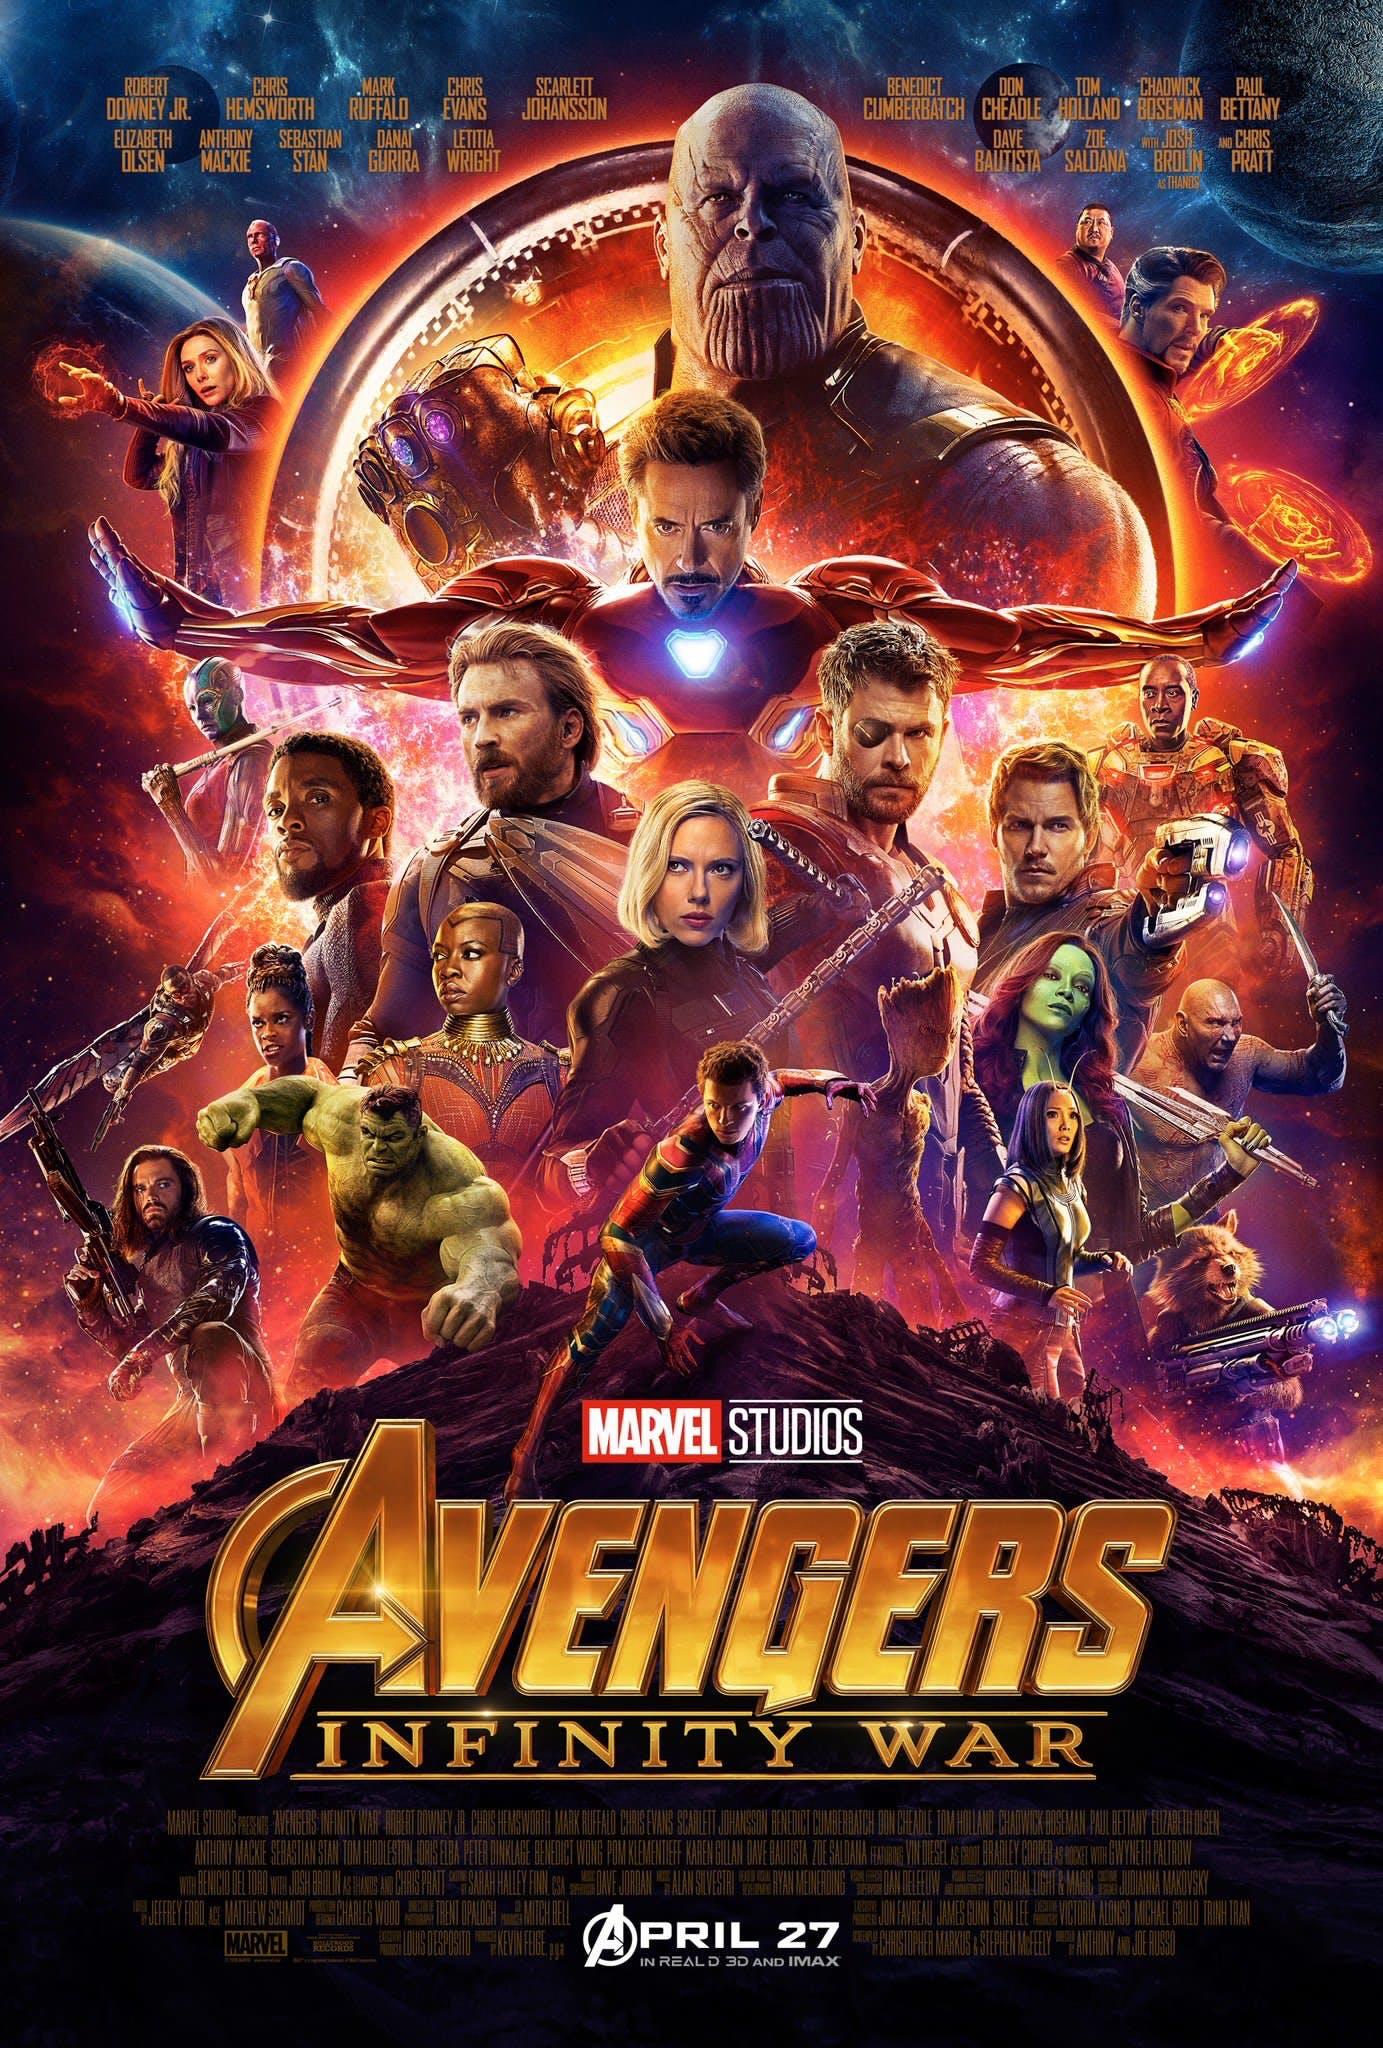 """2. Avengers: Infinity War / """"Отмъстителите: Война Без Край"""" – Режисьори: Джо и Антъни Русо; Участват: Джош Бролин, Крис Еванс, Робърт Дауни Джуниър"""